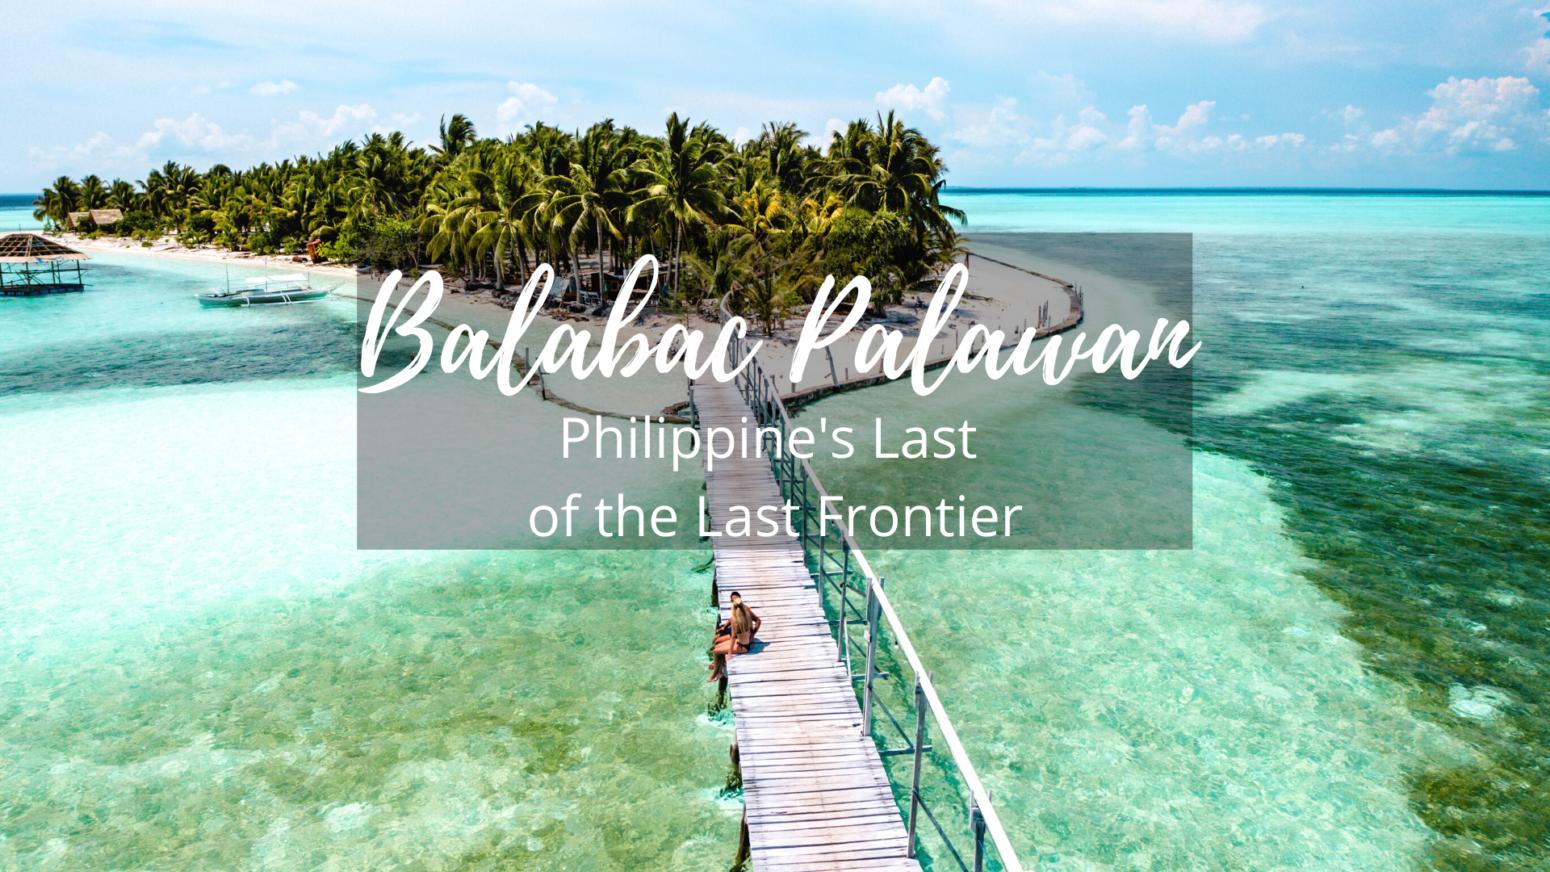 Balabac Palawan Philippines